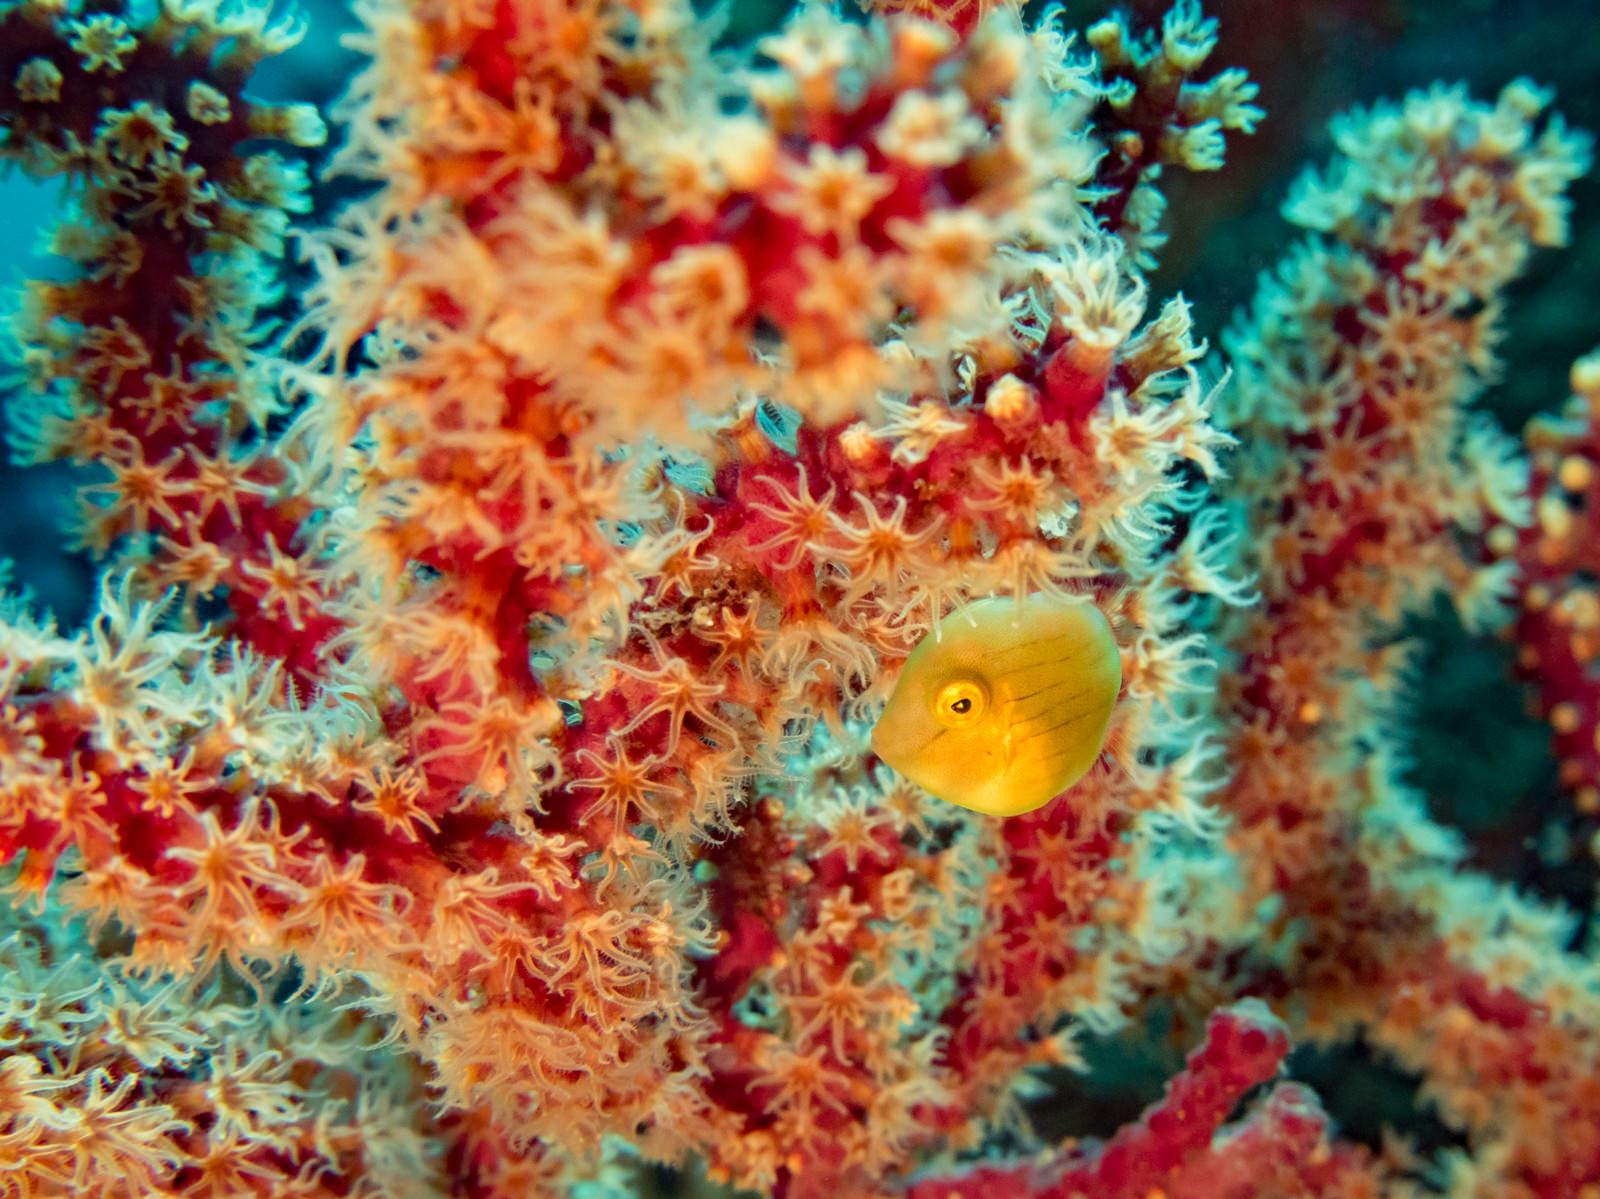 「アオサハギとサンゴ礁」の写真